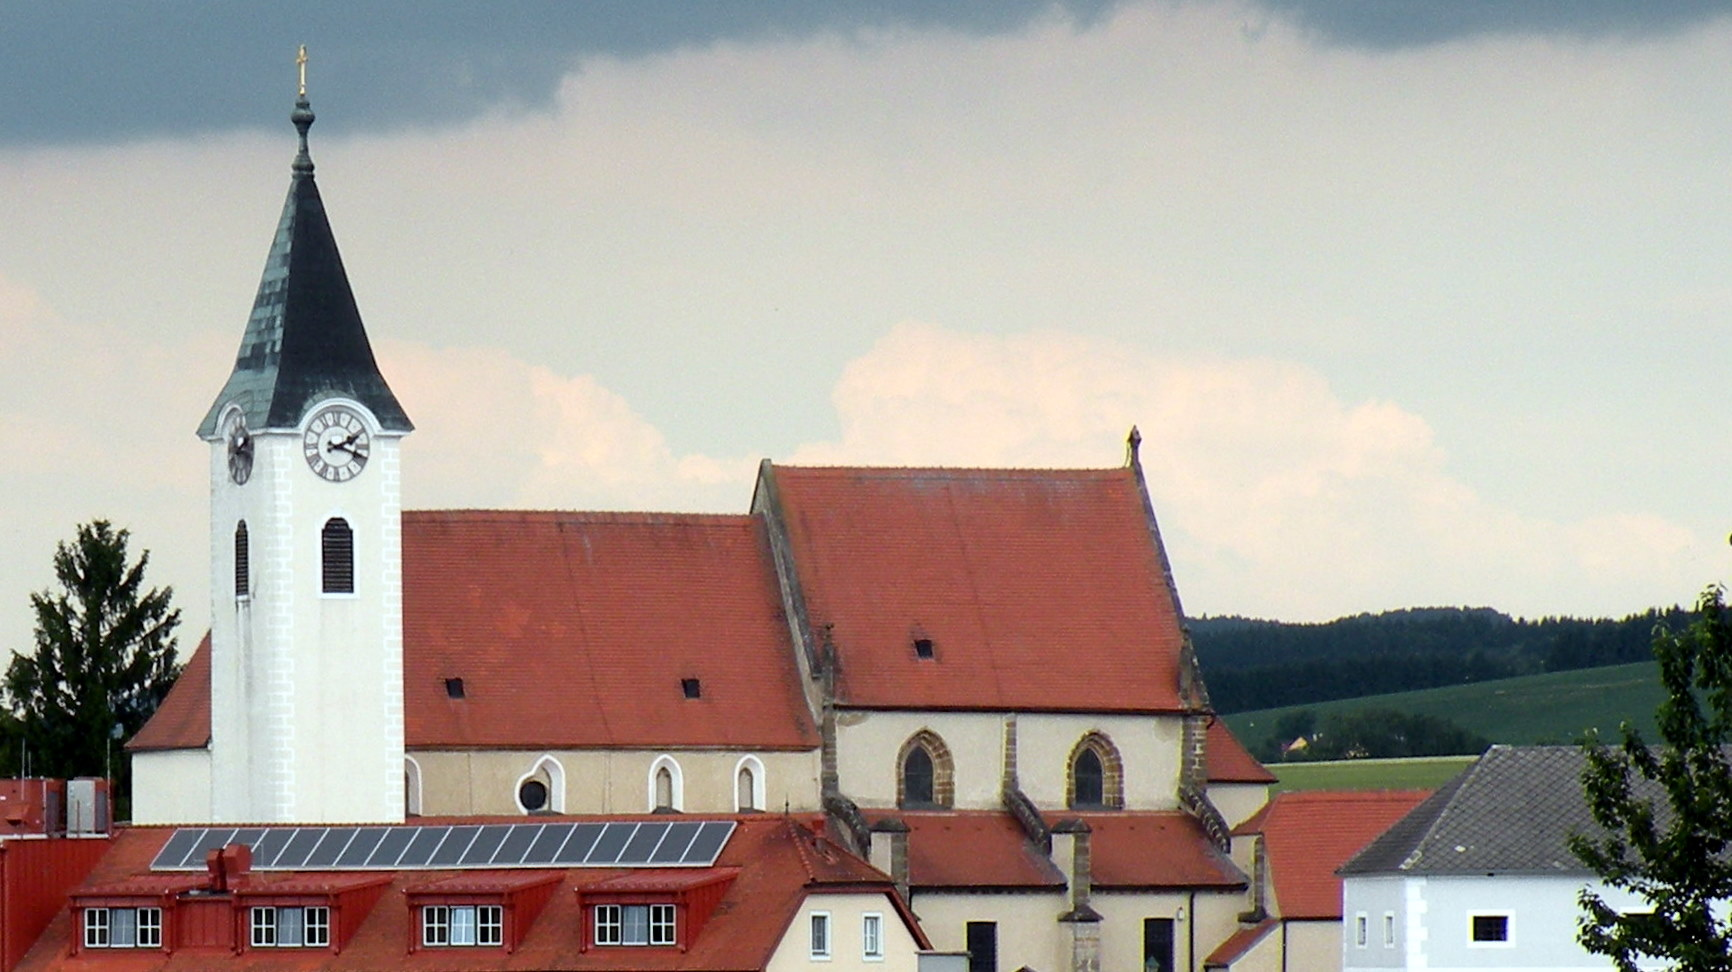 Steckerlfisch Ardagger - Posts - Kollmitzberg, Niedersterreich